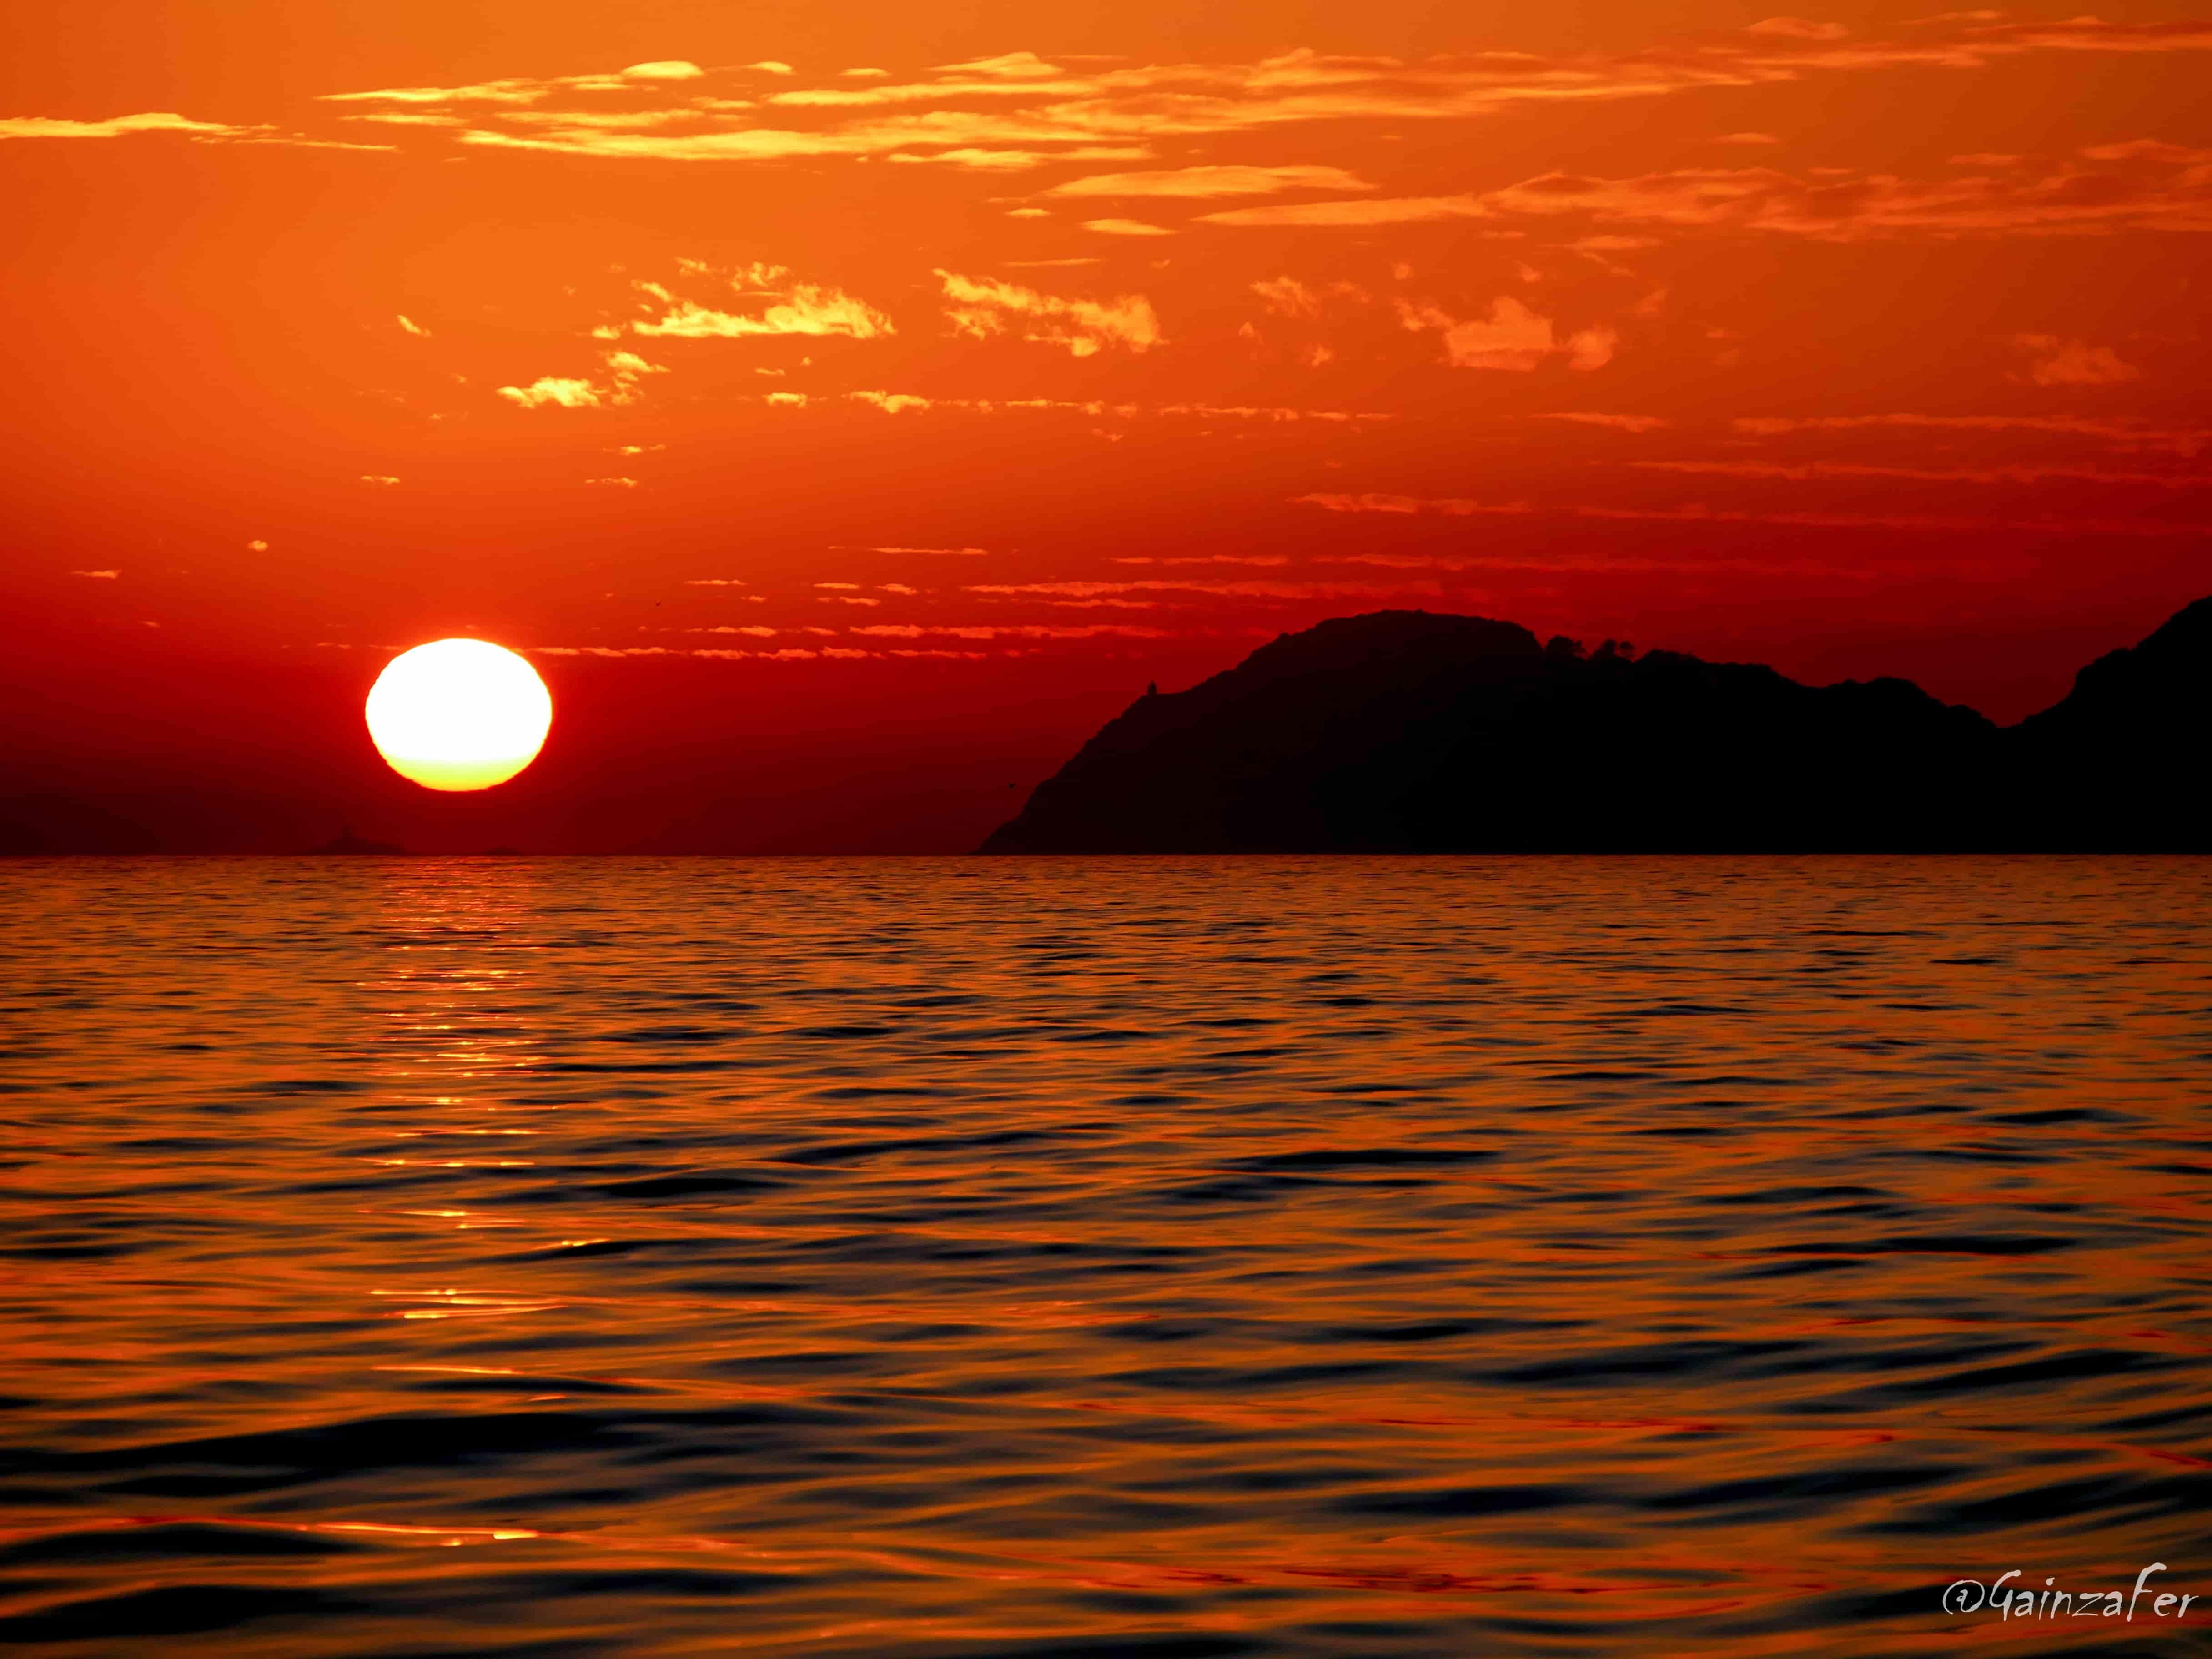 Cor laranxa de solpor indicando a hora na que se agocha o sol no horizonte das illas Cíes